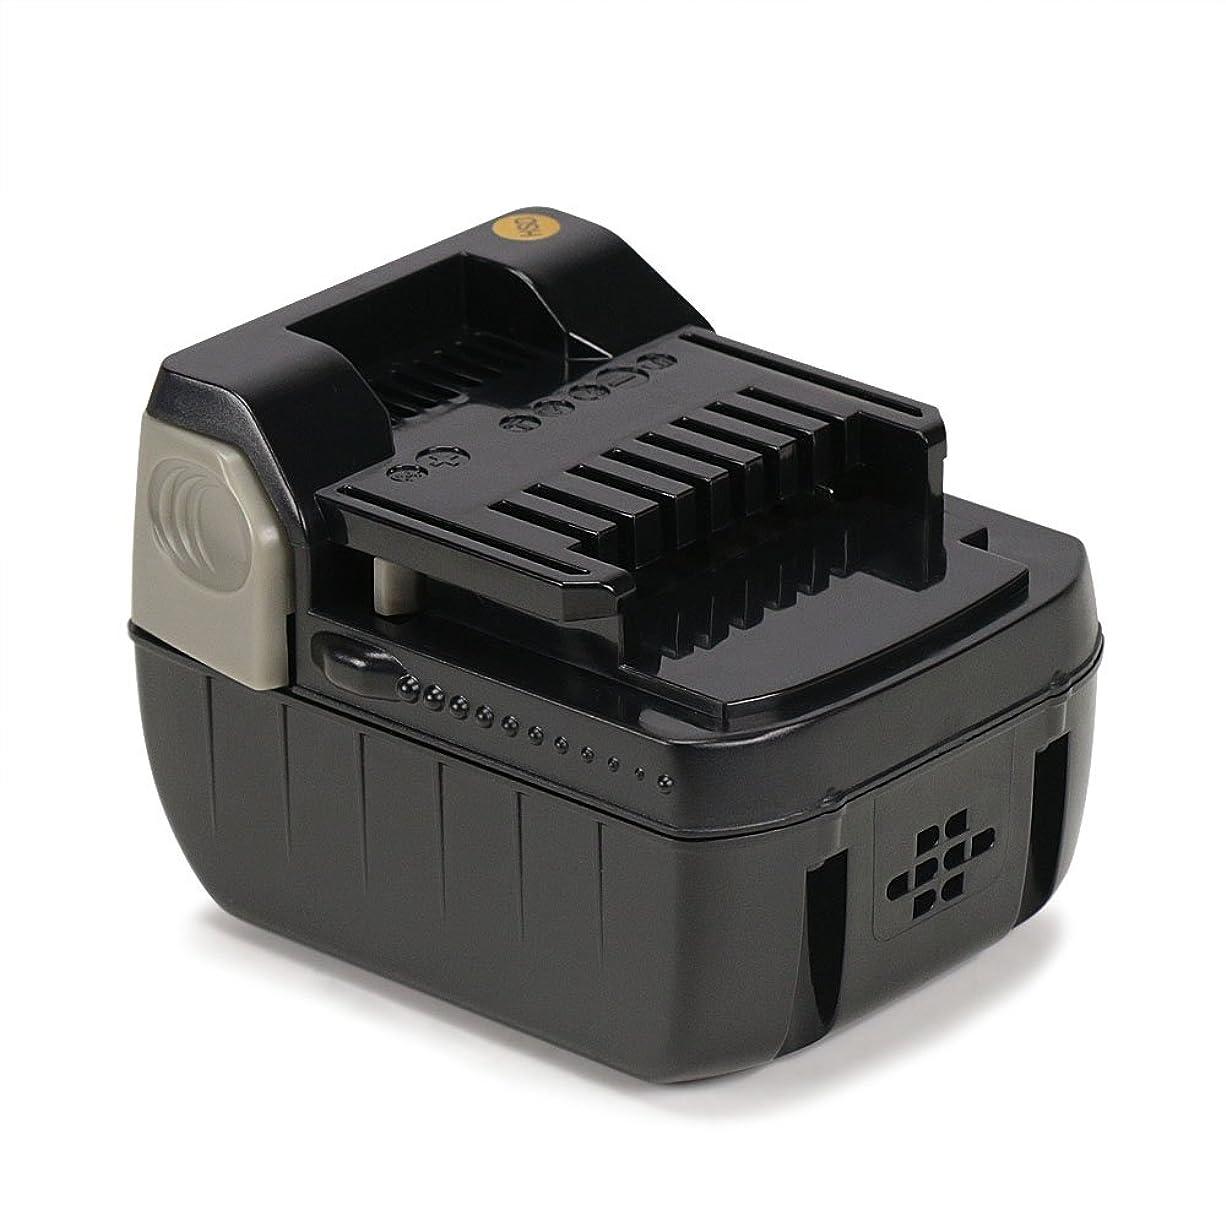 テロ囲い議題REEXBON 日立 14.4V バッテリー bsl1430 互換バッテリー 大容量 4000mAh リチウムイオン電池 bsl1415 bsl1440 bsl1450 bsl1460 互換 インパクト日立 14.4v 1年保証